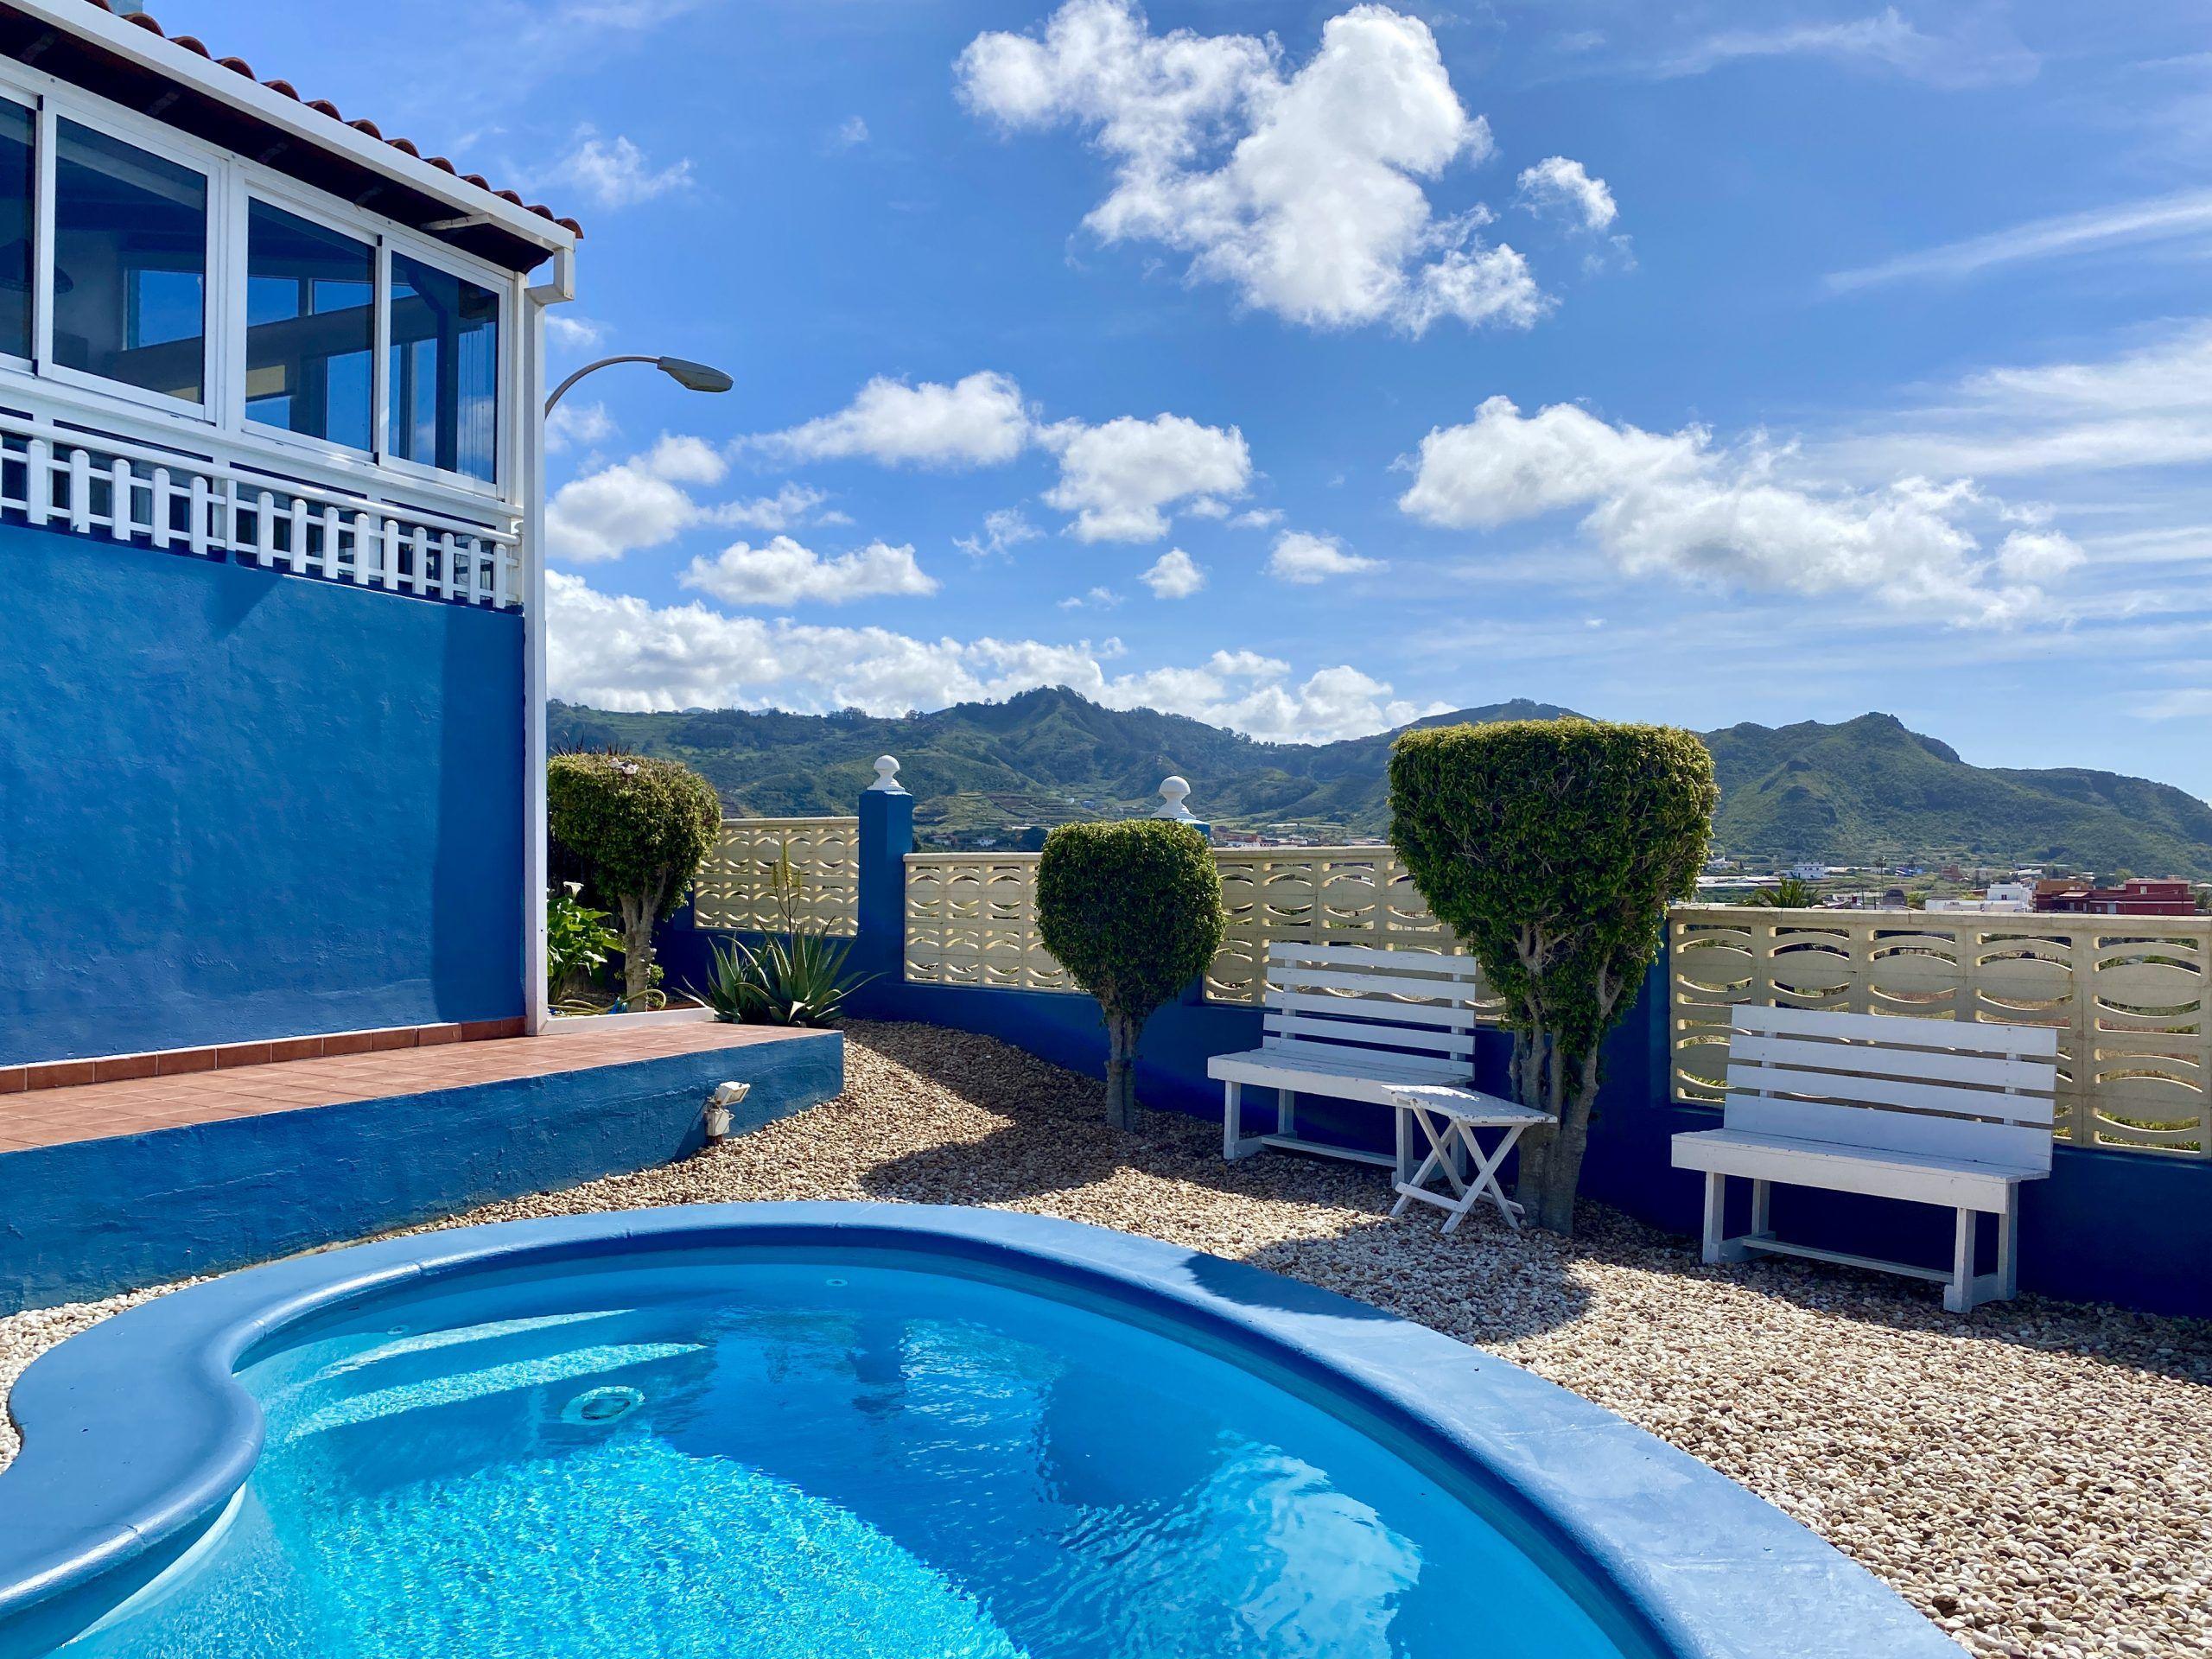 La Casa Azul - Tegueste. Piscina y montañas